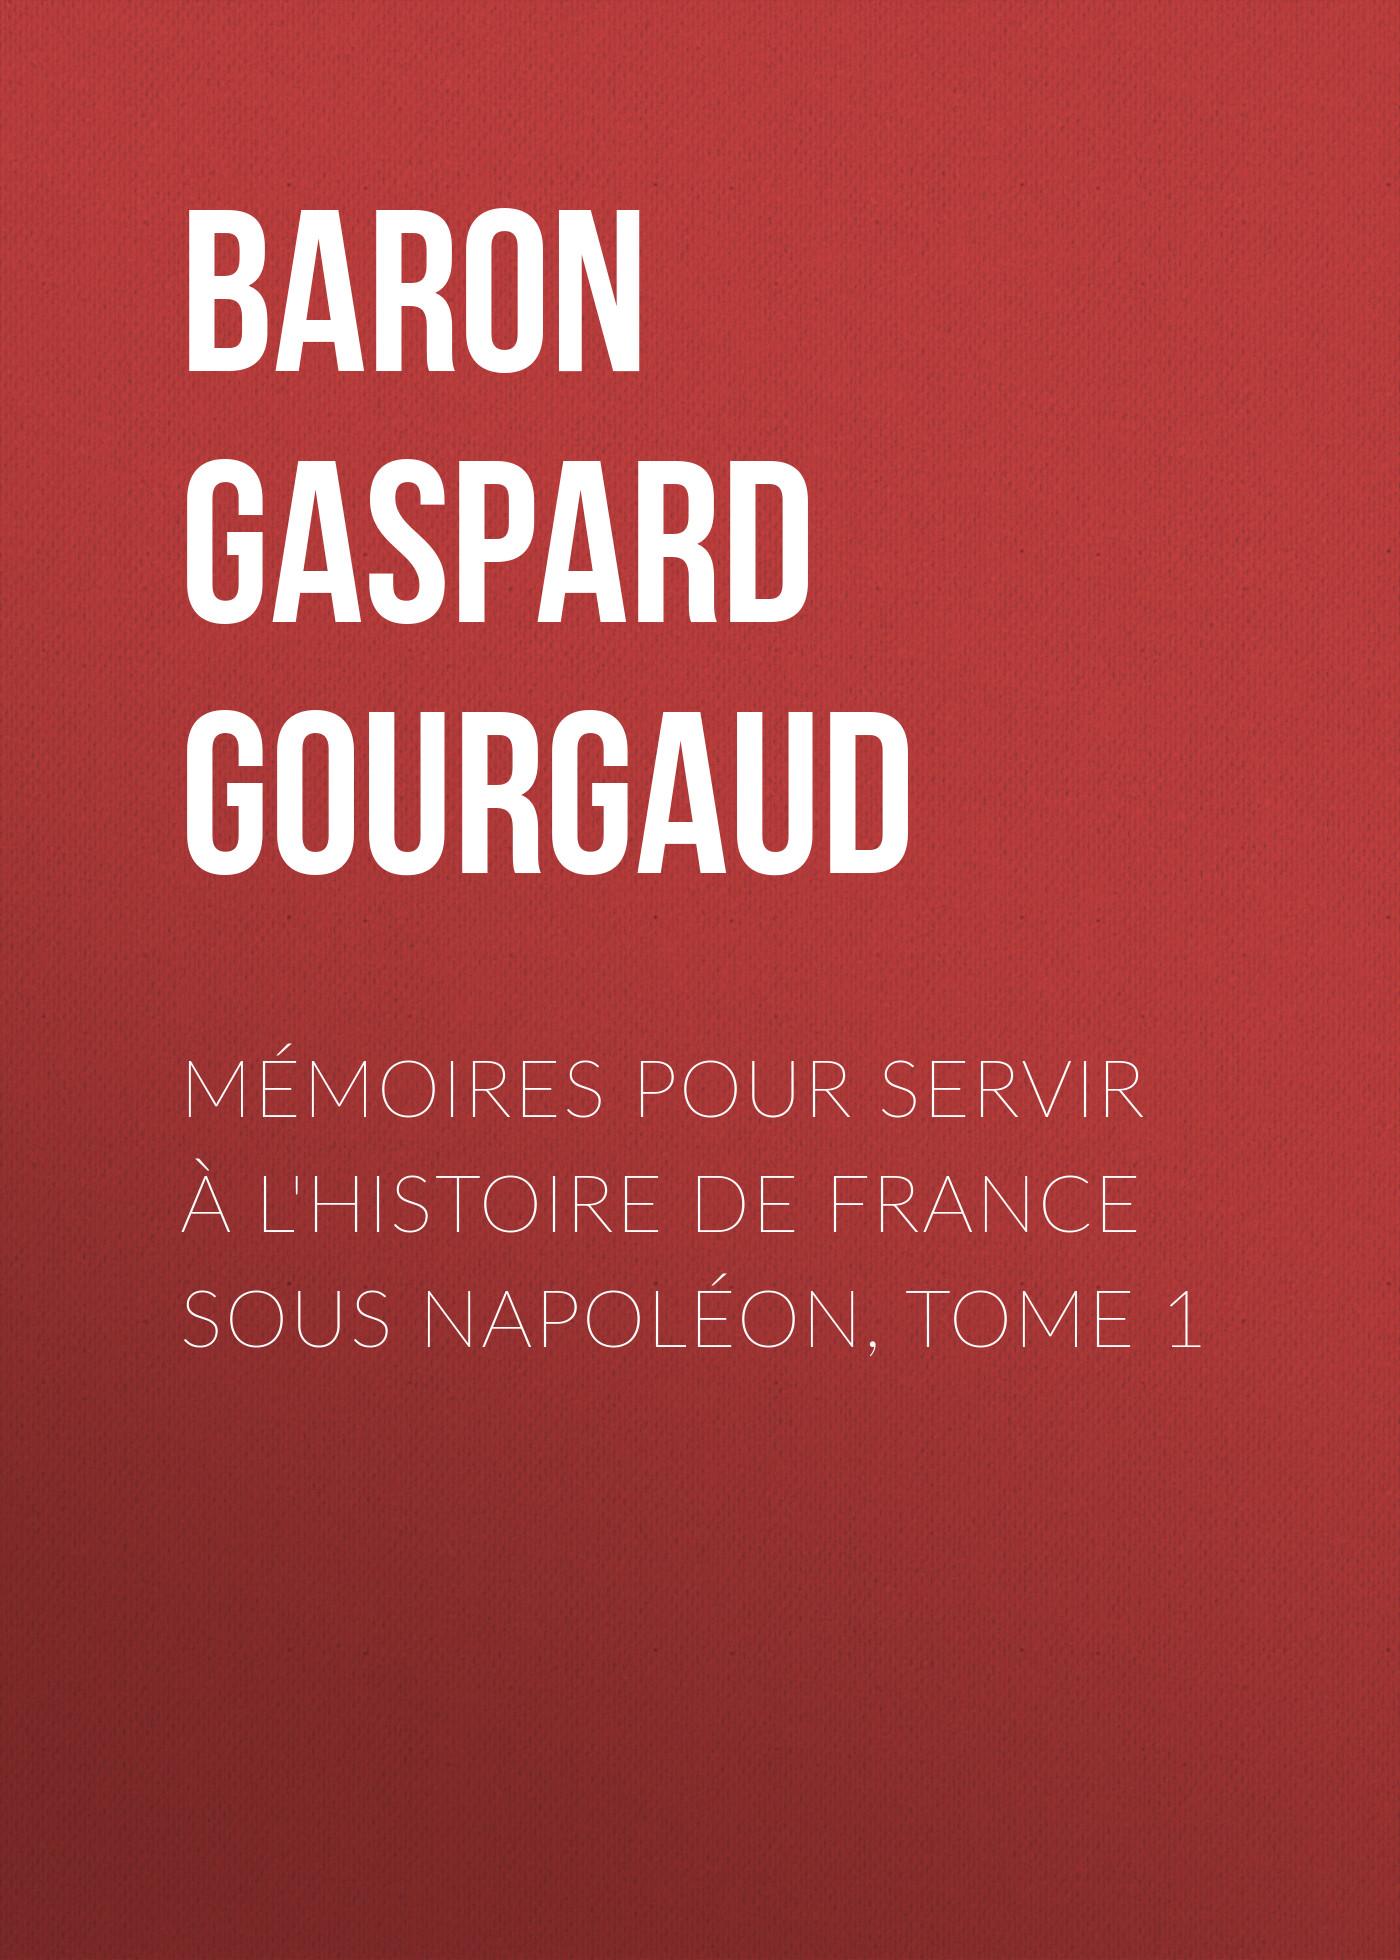 Baron Gaspard Gourgaud Mémoires pour servir à l'Histoire de France sous Napoléon, Tome 1 baron de pierre marie joseph bonnefoux mémoires du baron de bonnefoux capitaine de vaisseau 1782 1855